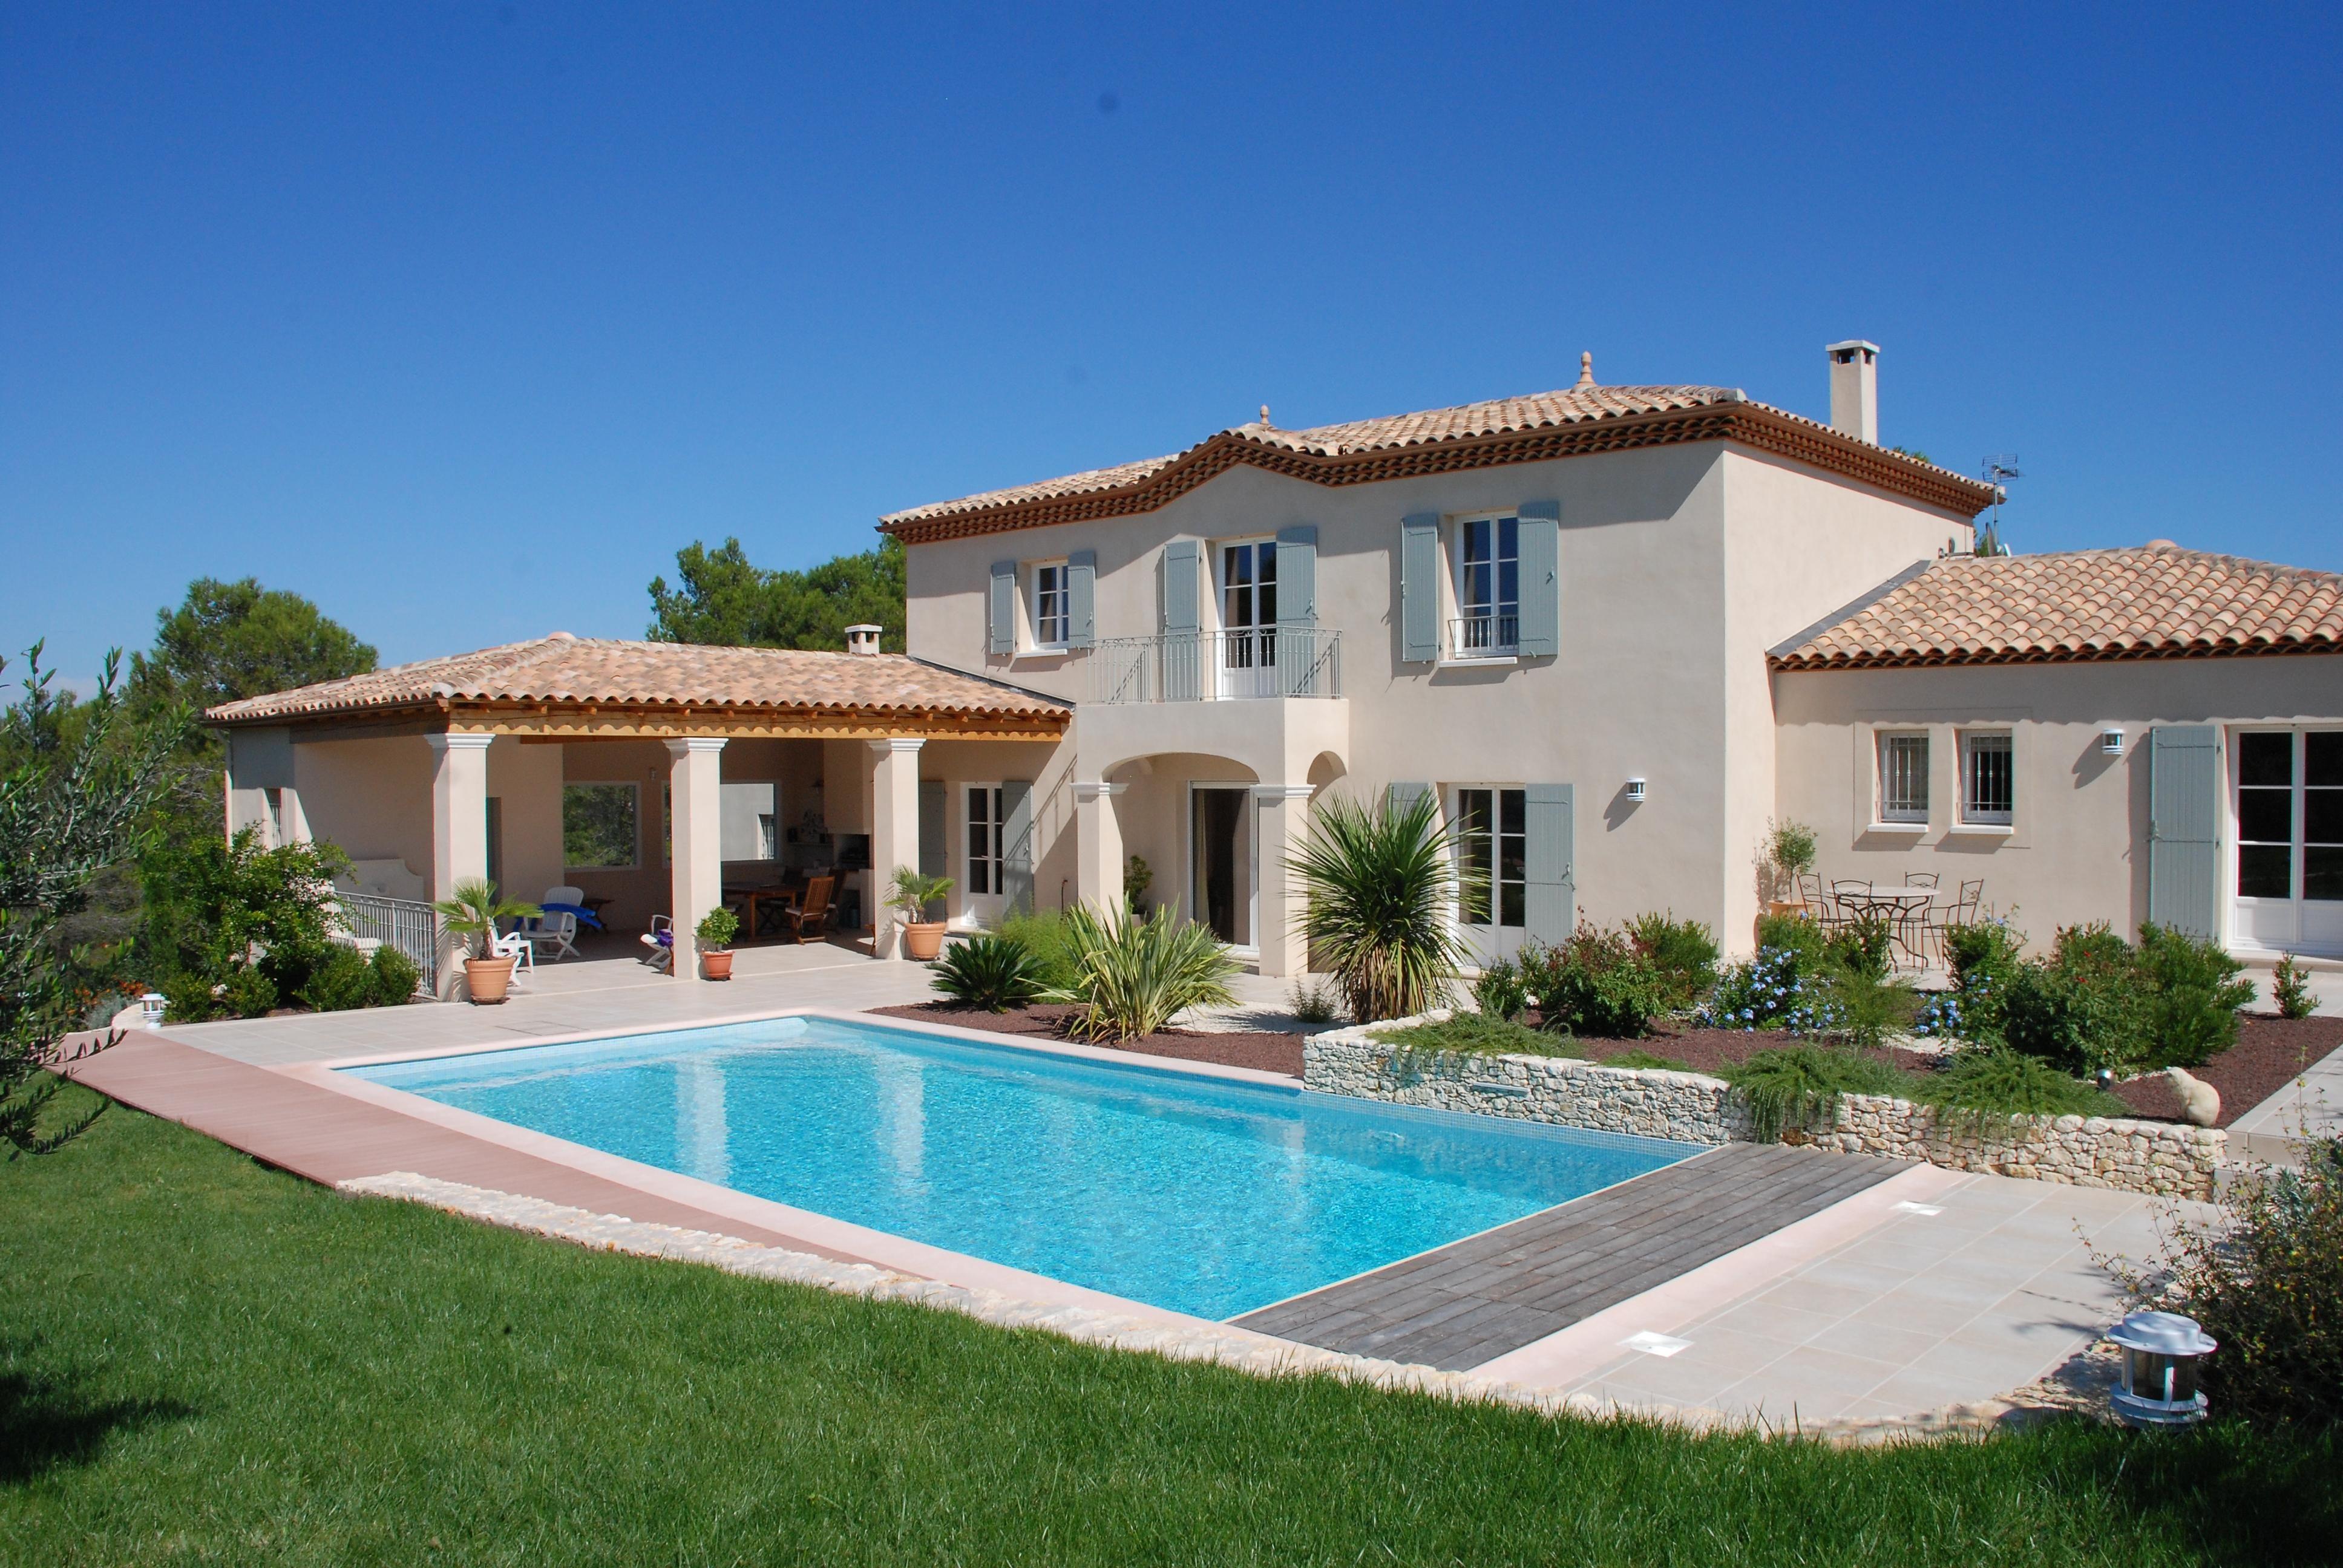 Maison Traditionnelle 200m2 Batie A Saint Siffret Dans Le Gard 55 Jpg 3872 2592 Photo Maison Moderne Maison En Provence Modele Maison Moderne